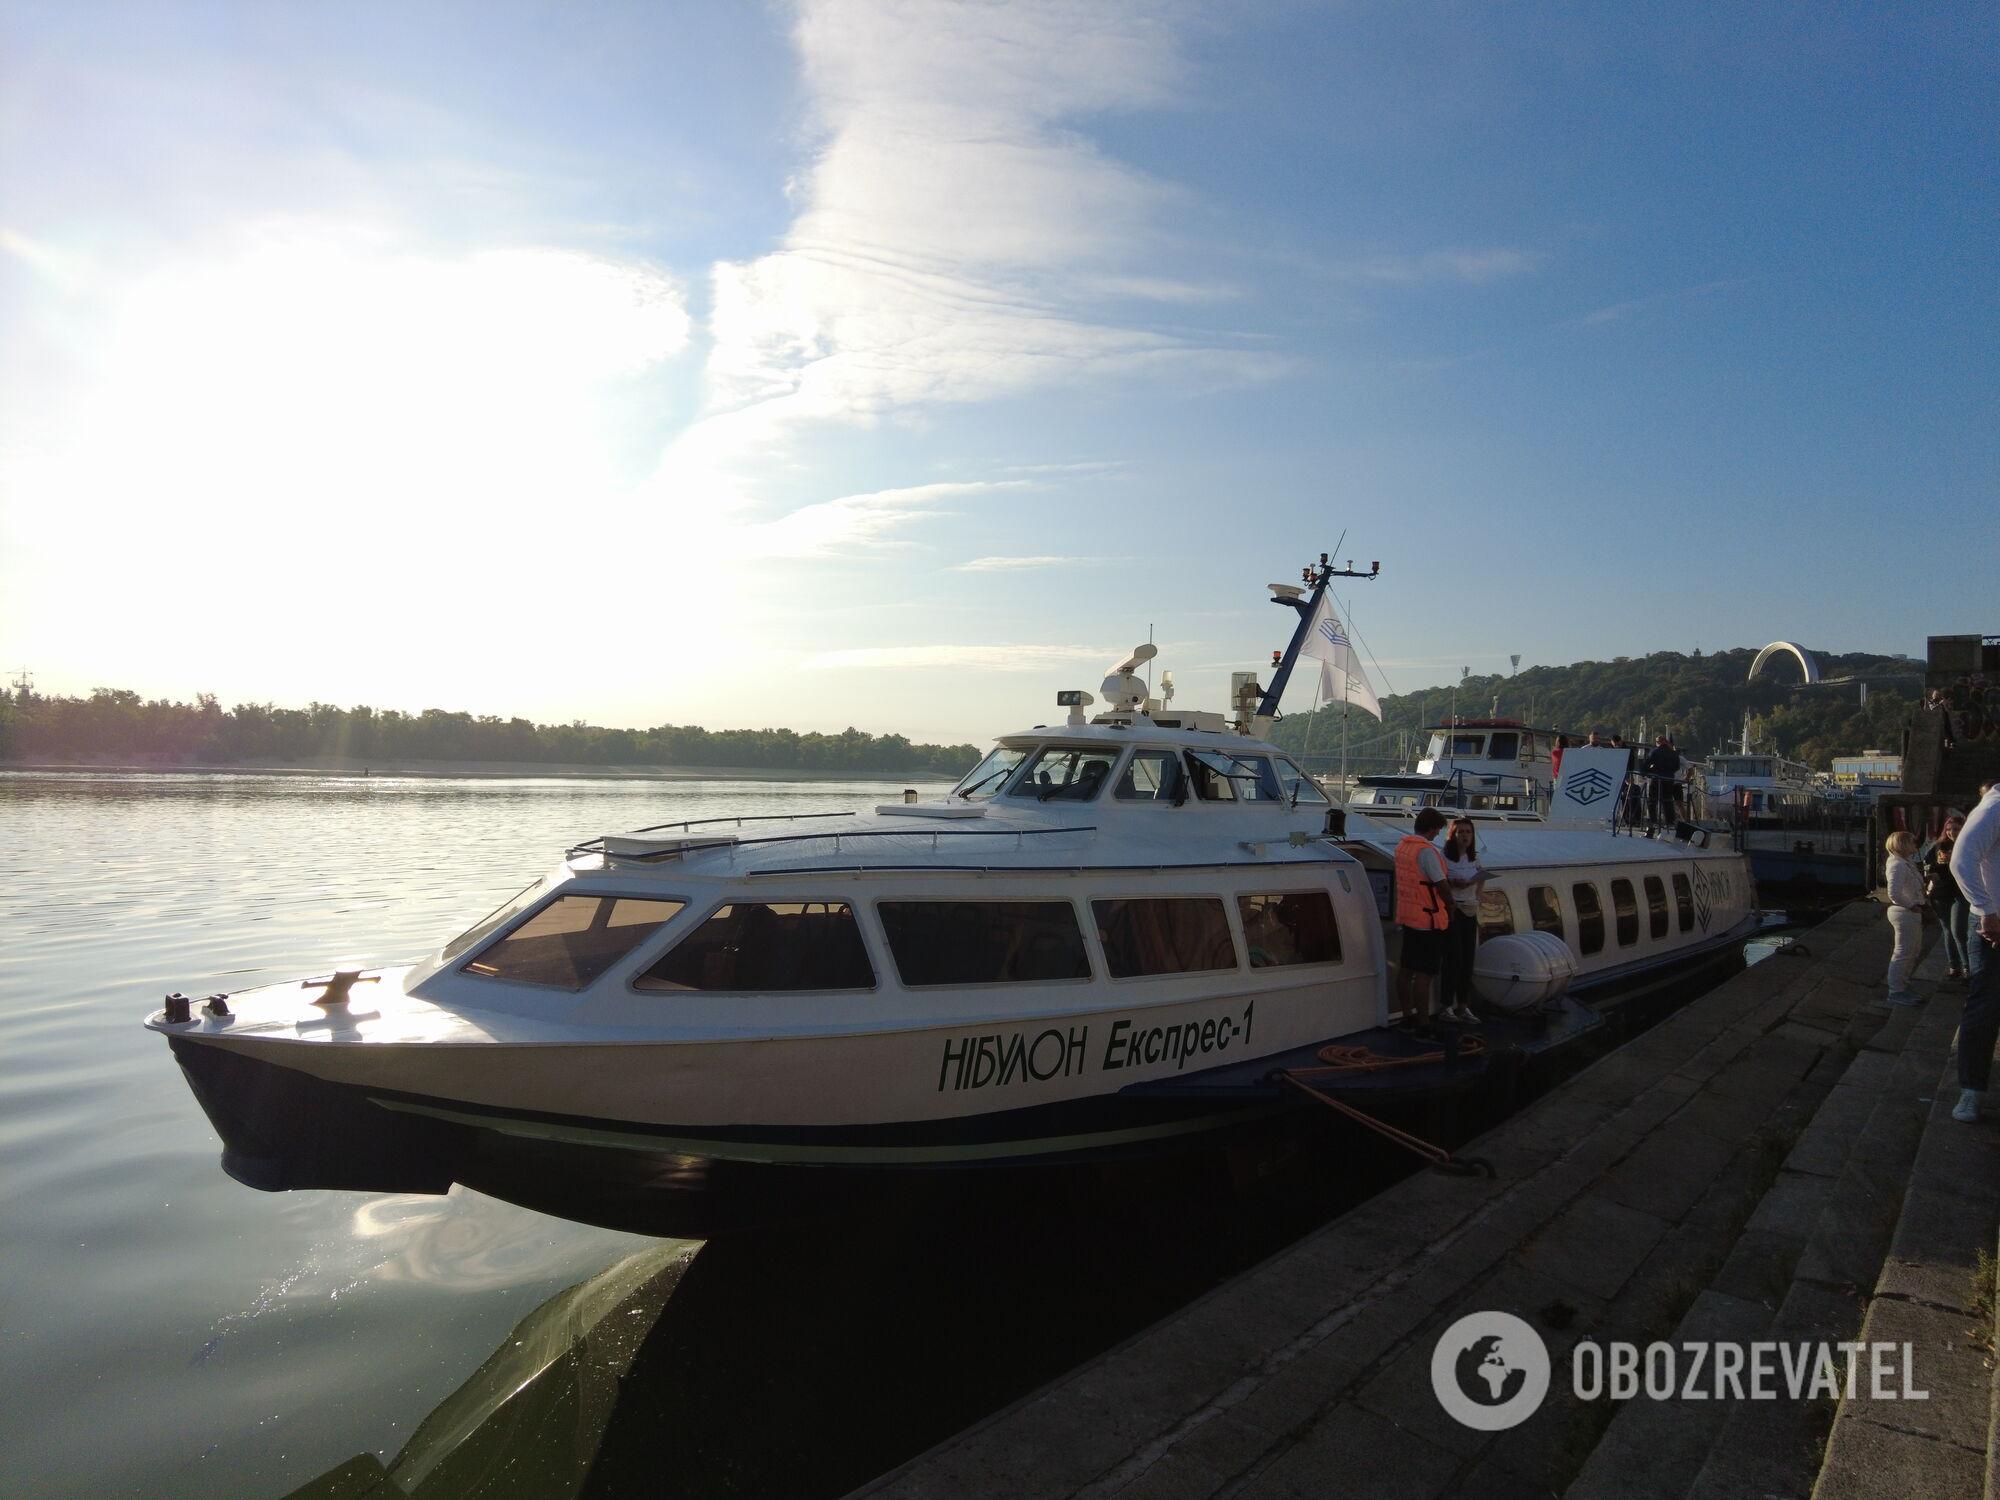 Судно проекту ''Схід'' на Київському річковому вокзалі 16 вересня 2021 року